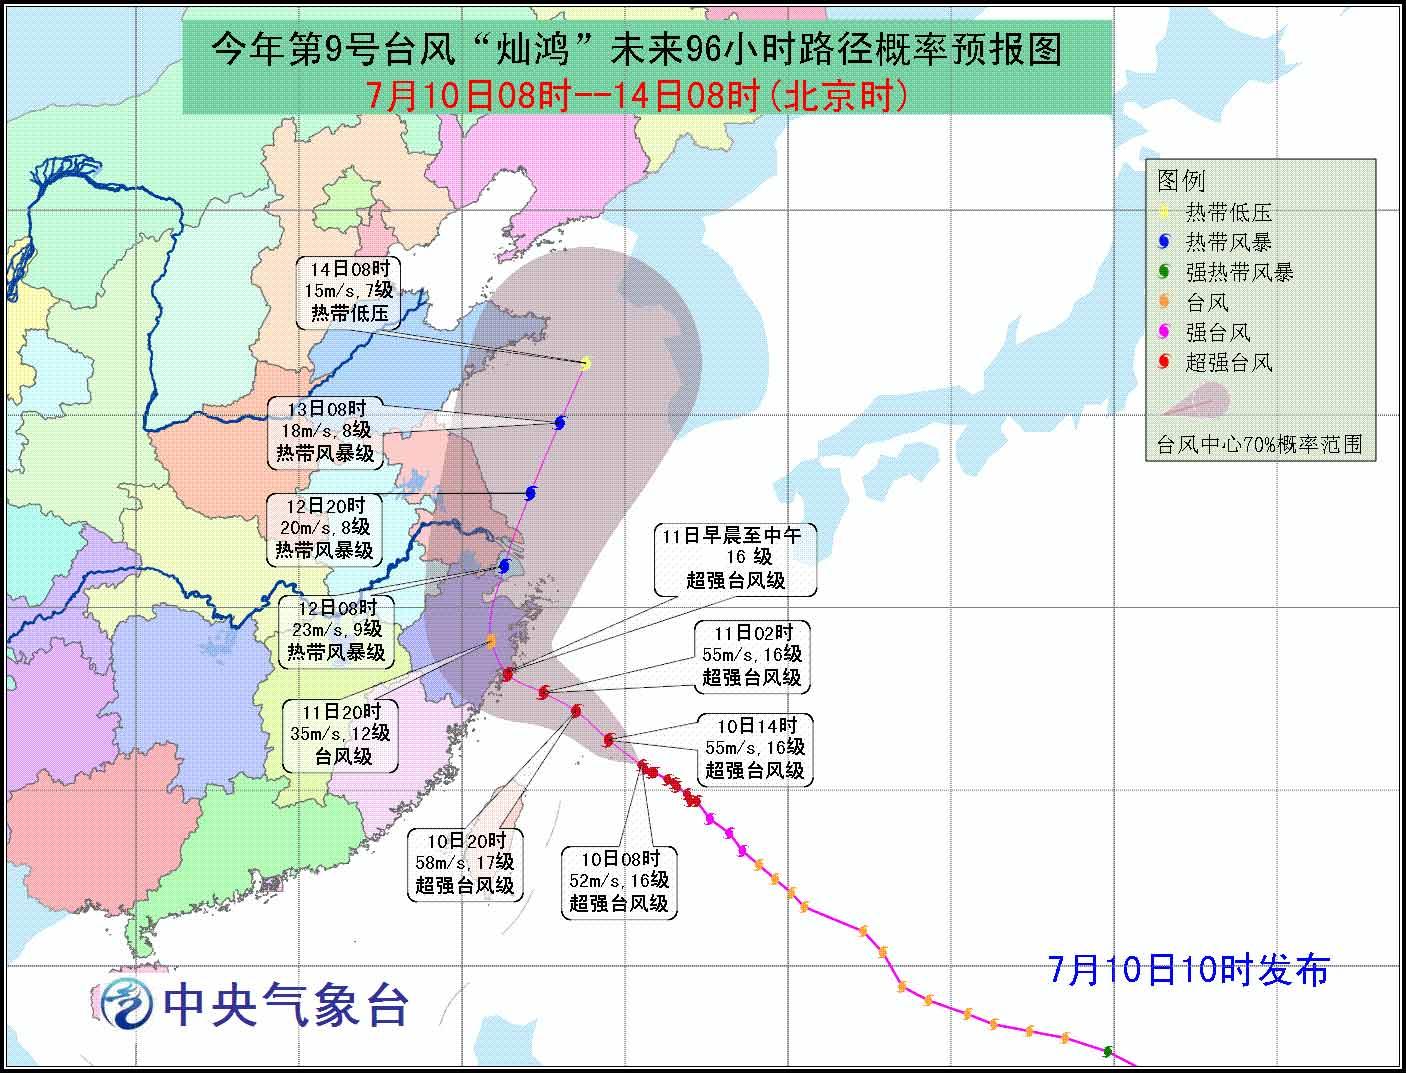 台风应急响应被提升至最高级I级 灿鸿 将登陆福建浙江上海等地